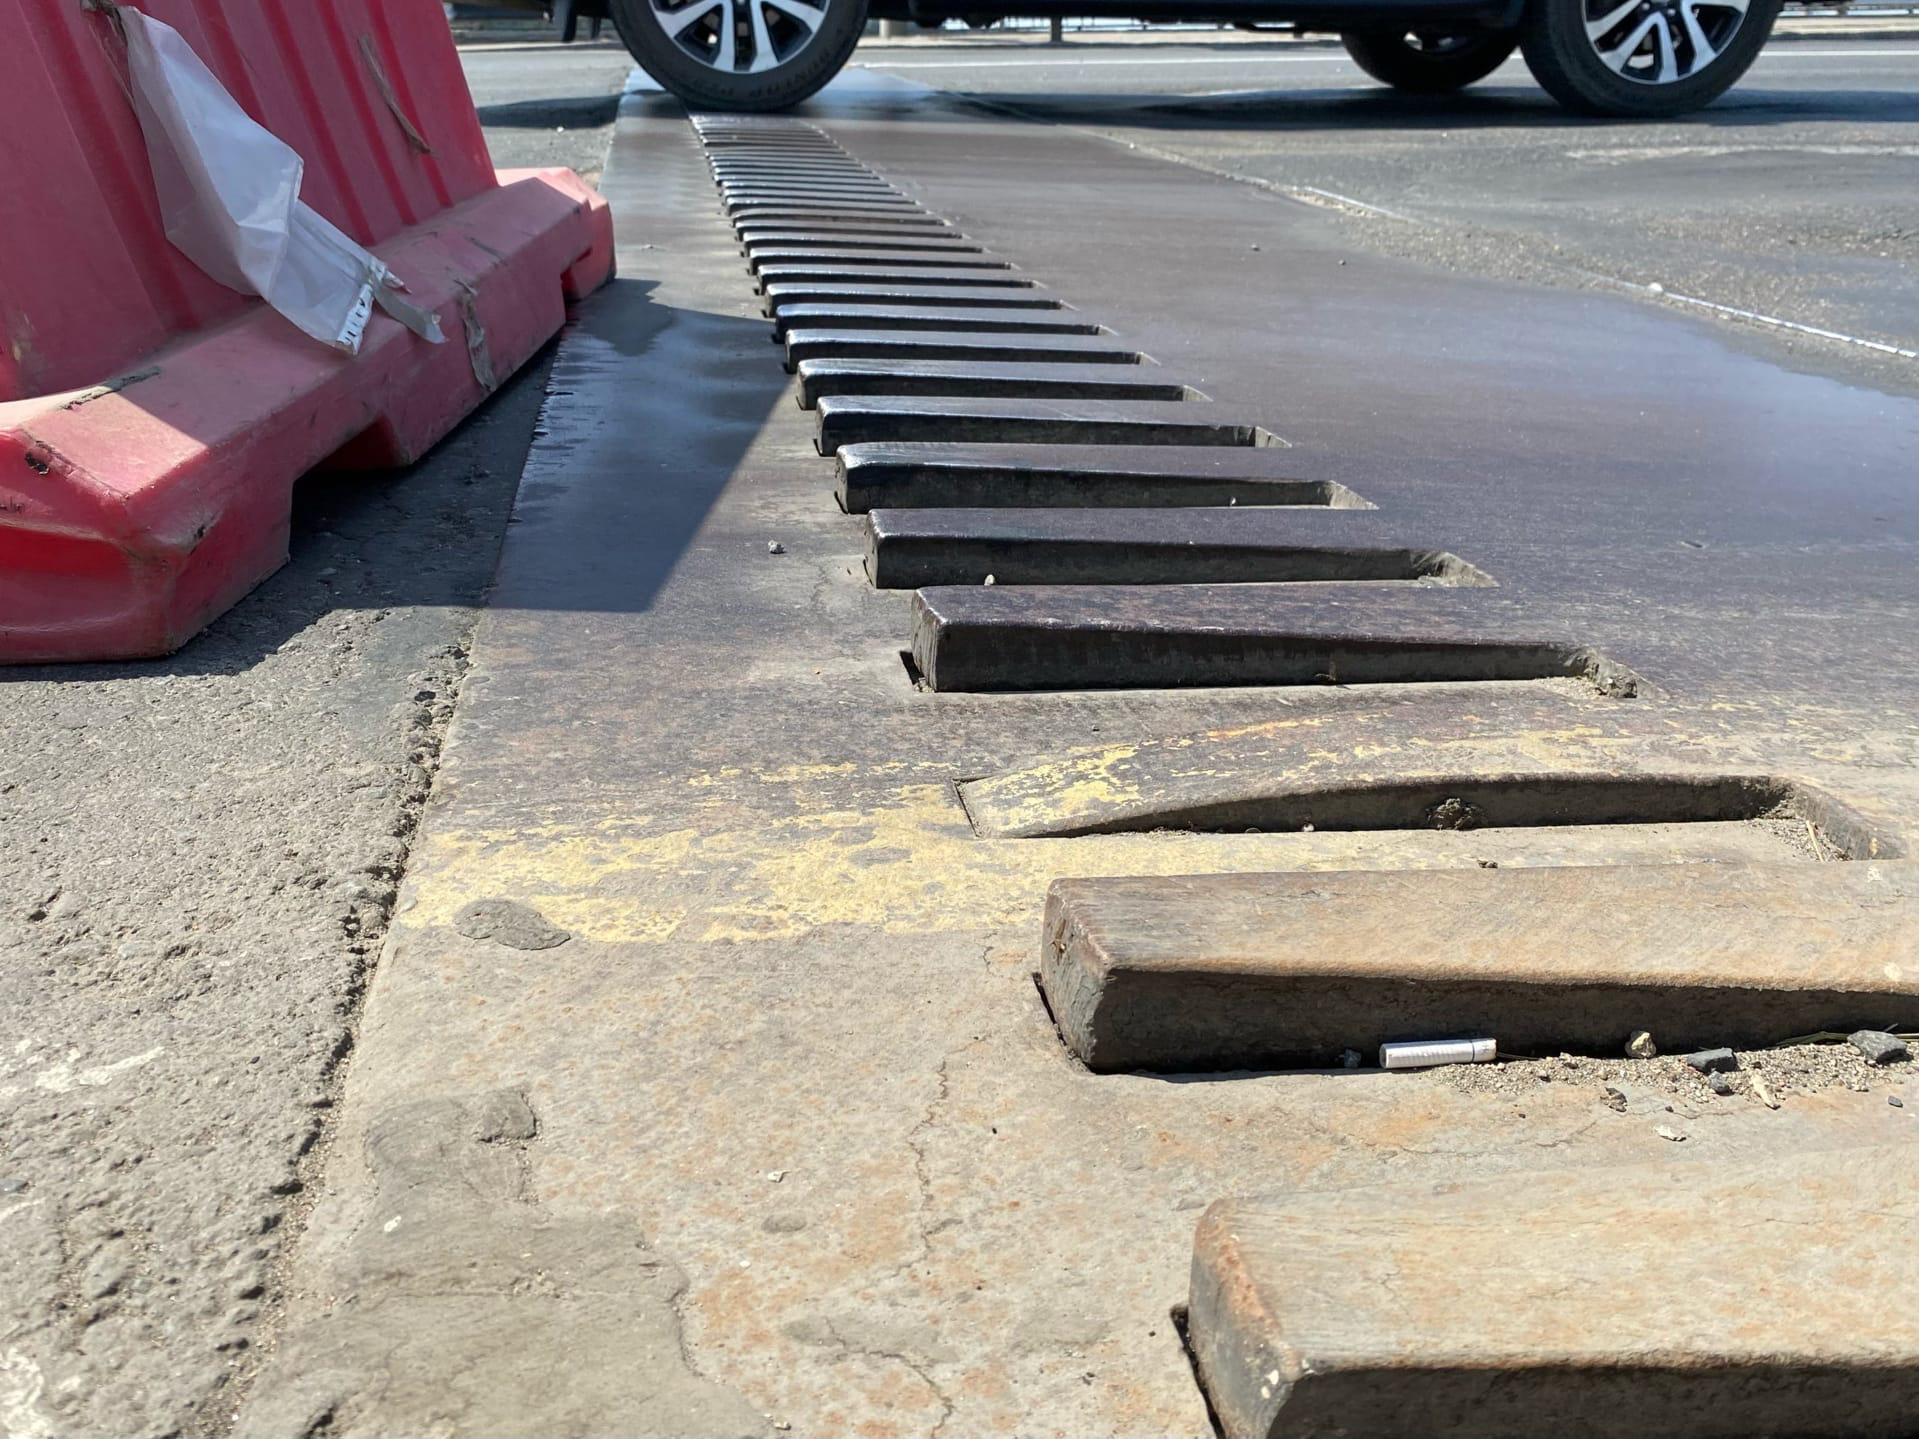 «Гребенка» в правой полосе поднялась над дорогой во время 30-градусной жары в середине июня